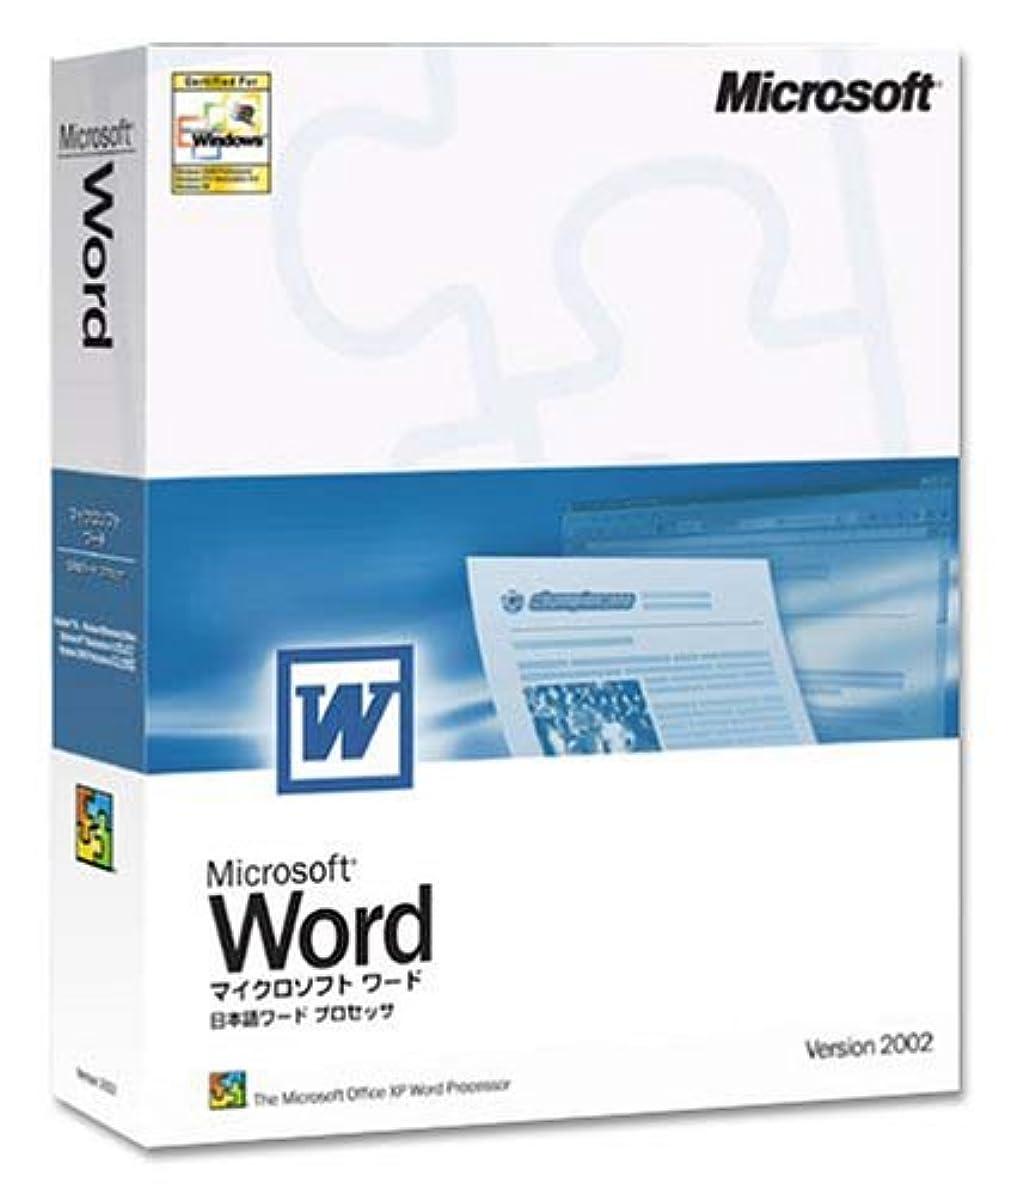 交換三角倒産【旧商品】Microsoft Word Version 2002